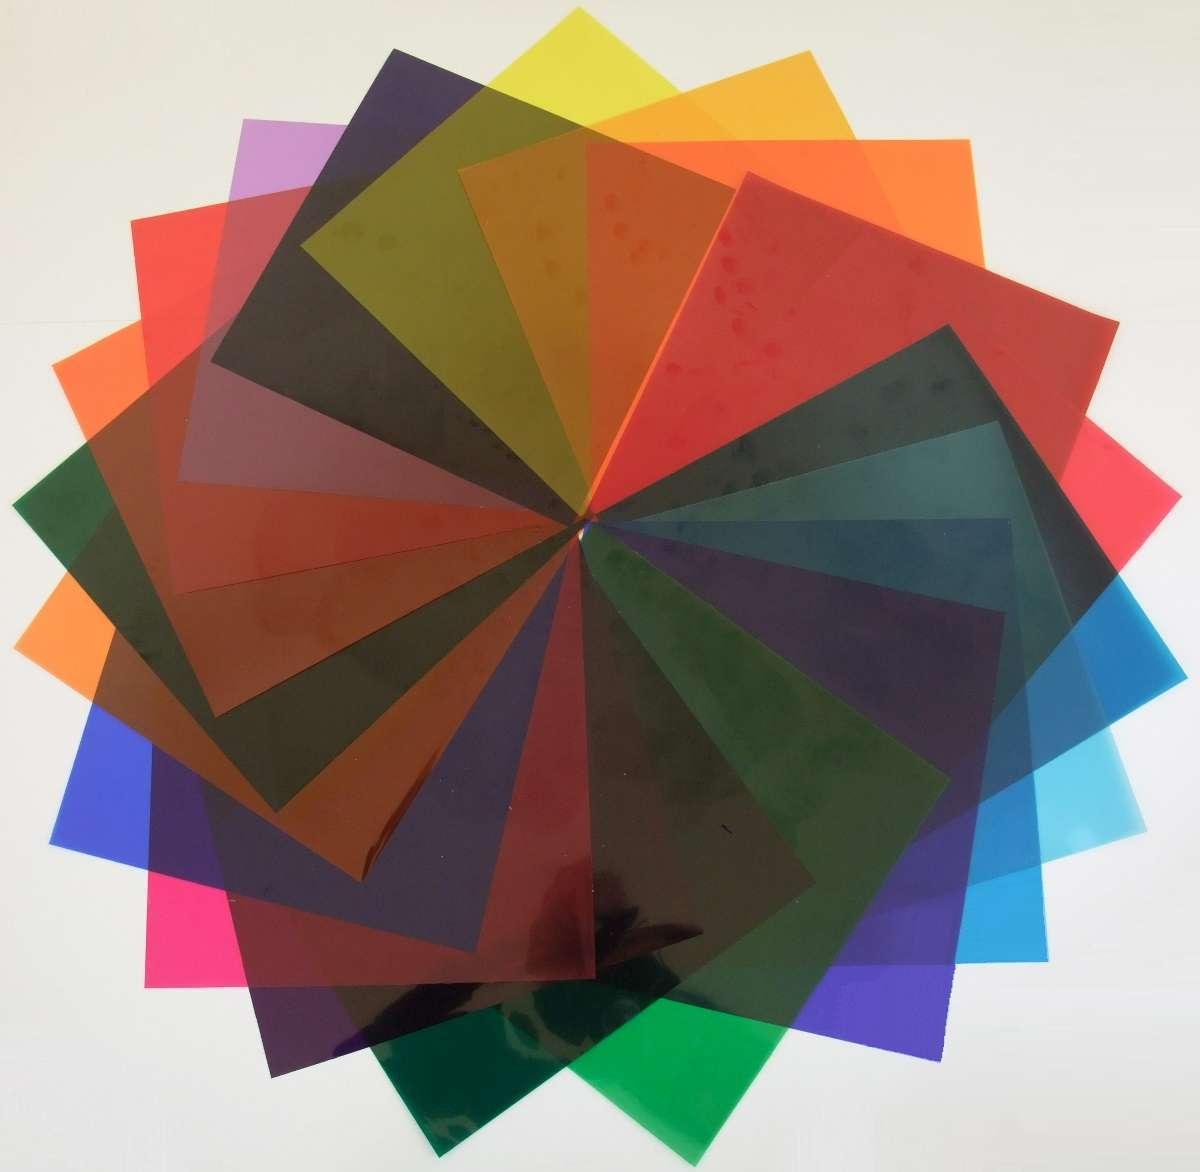 6 Set Farbfolien je 20 St. PAR-56 22,5x22,5cm Farbfilter Colour PAR 56 Farbe Mix